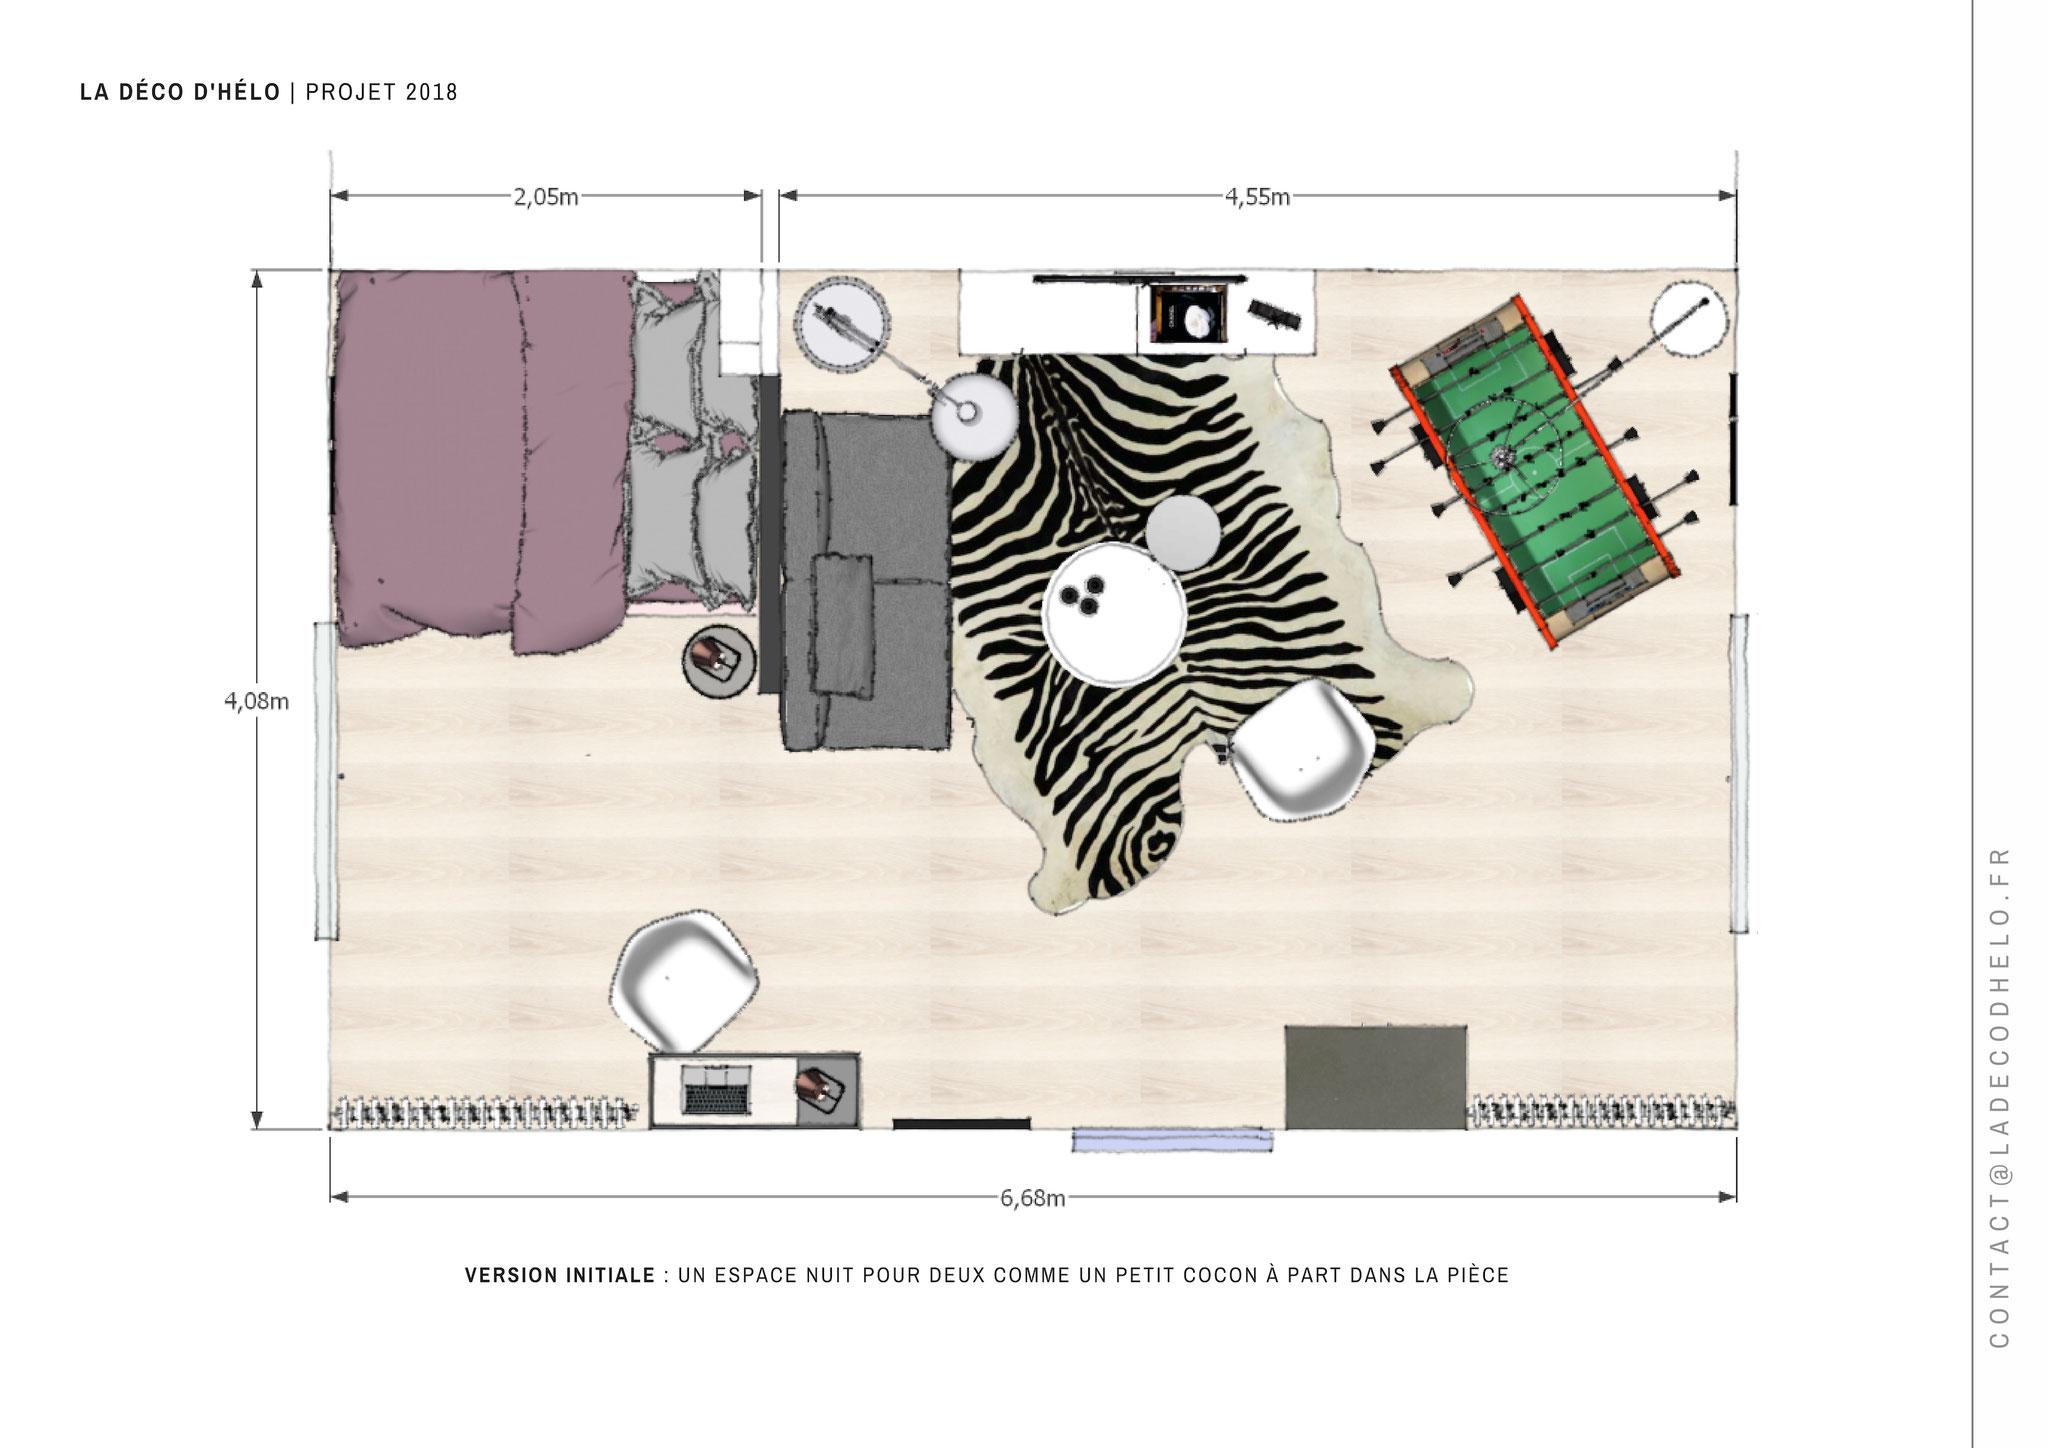 | Plan d'aménagement projeté, Projet Uriage © La Déco d'Hélo 2018.